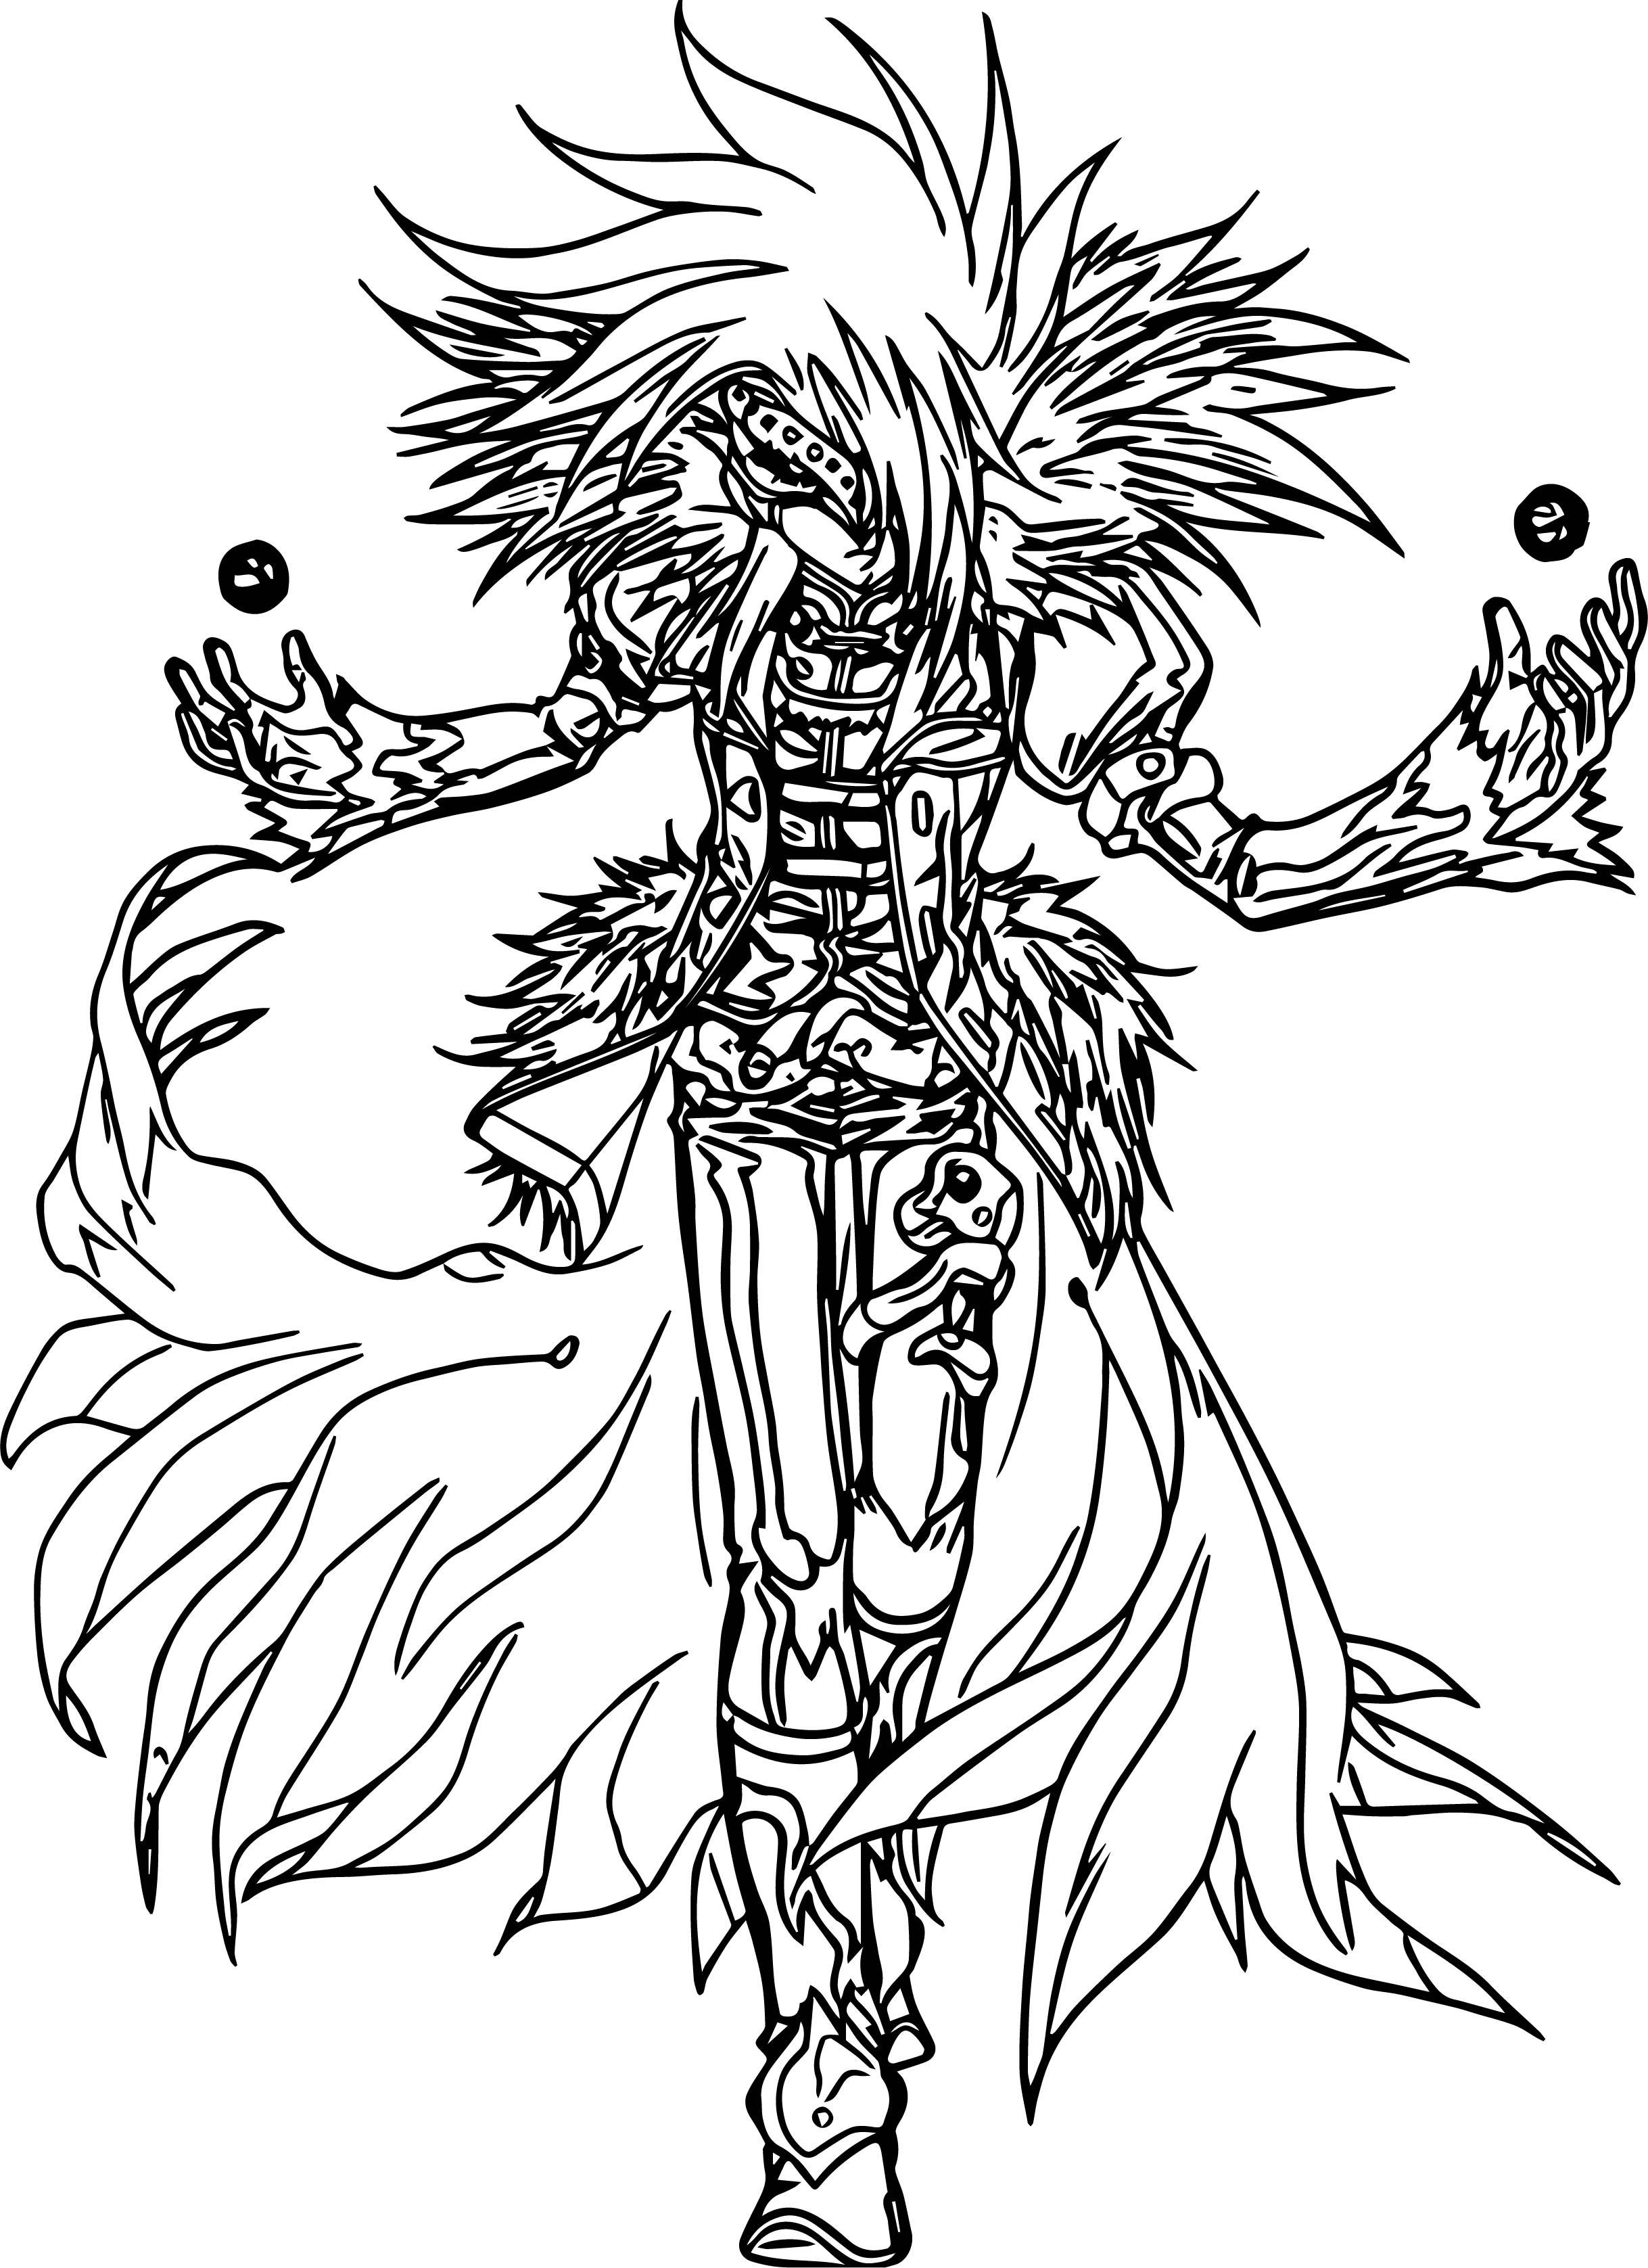 Bakugan Characters 9 Coloring Page